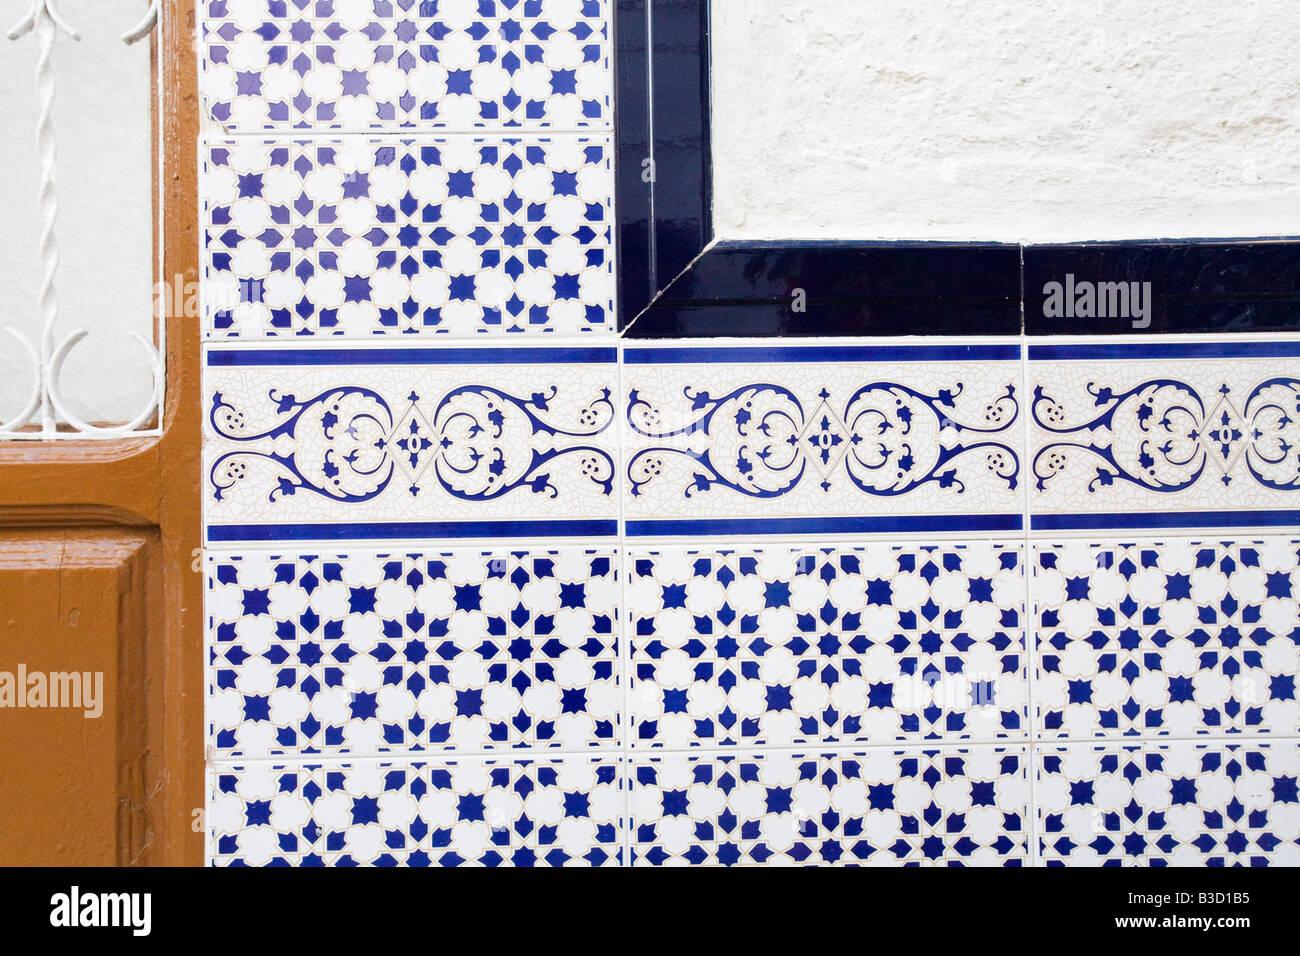 Wall Tiles - Stock Image